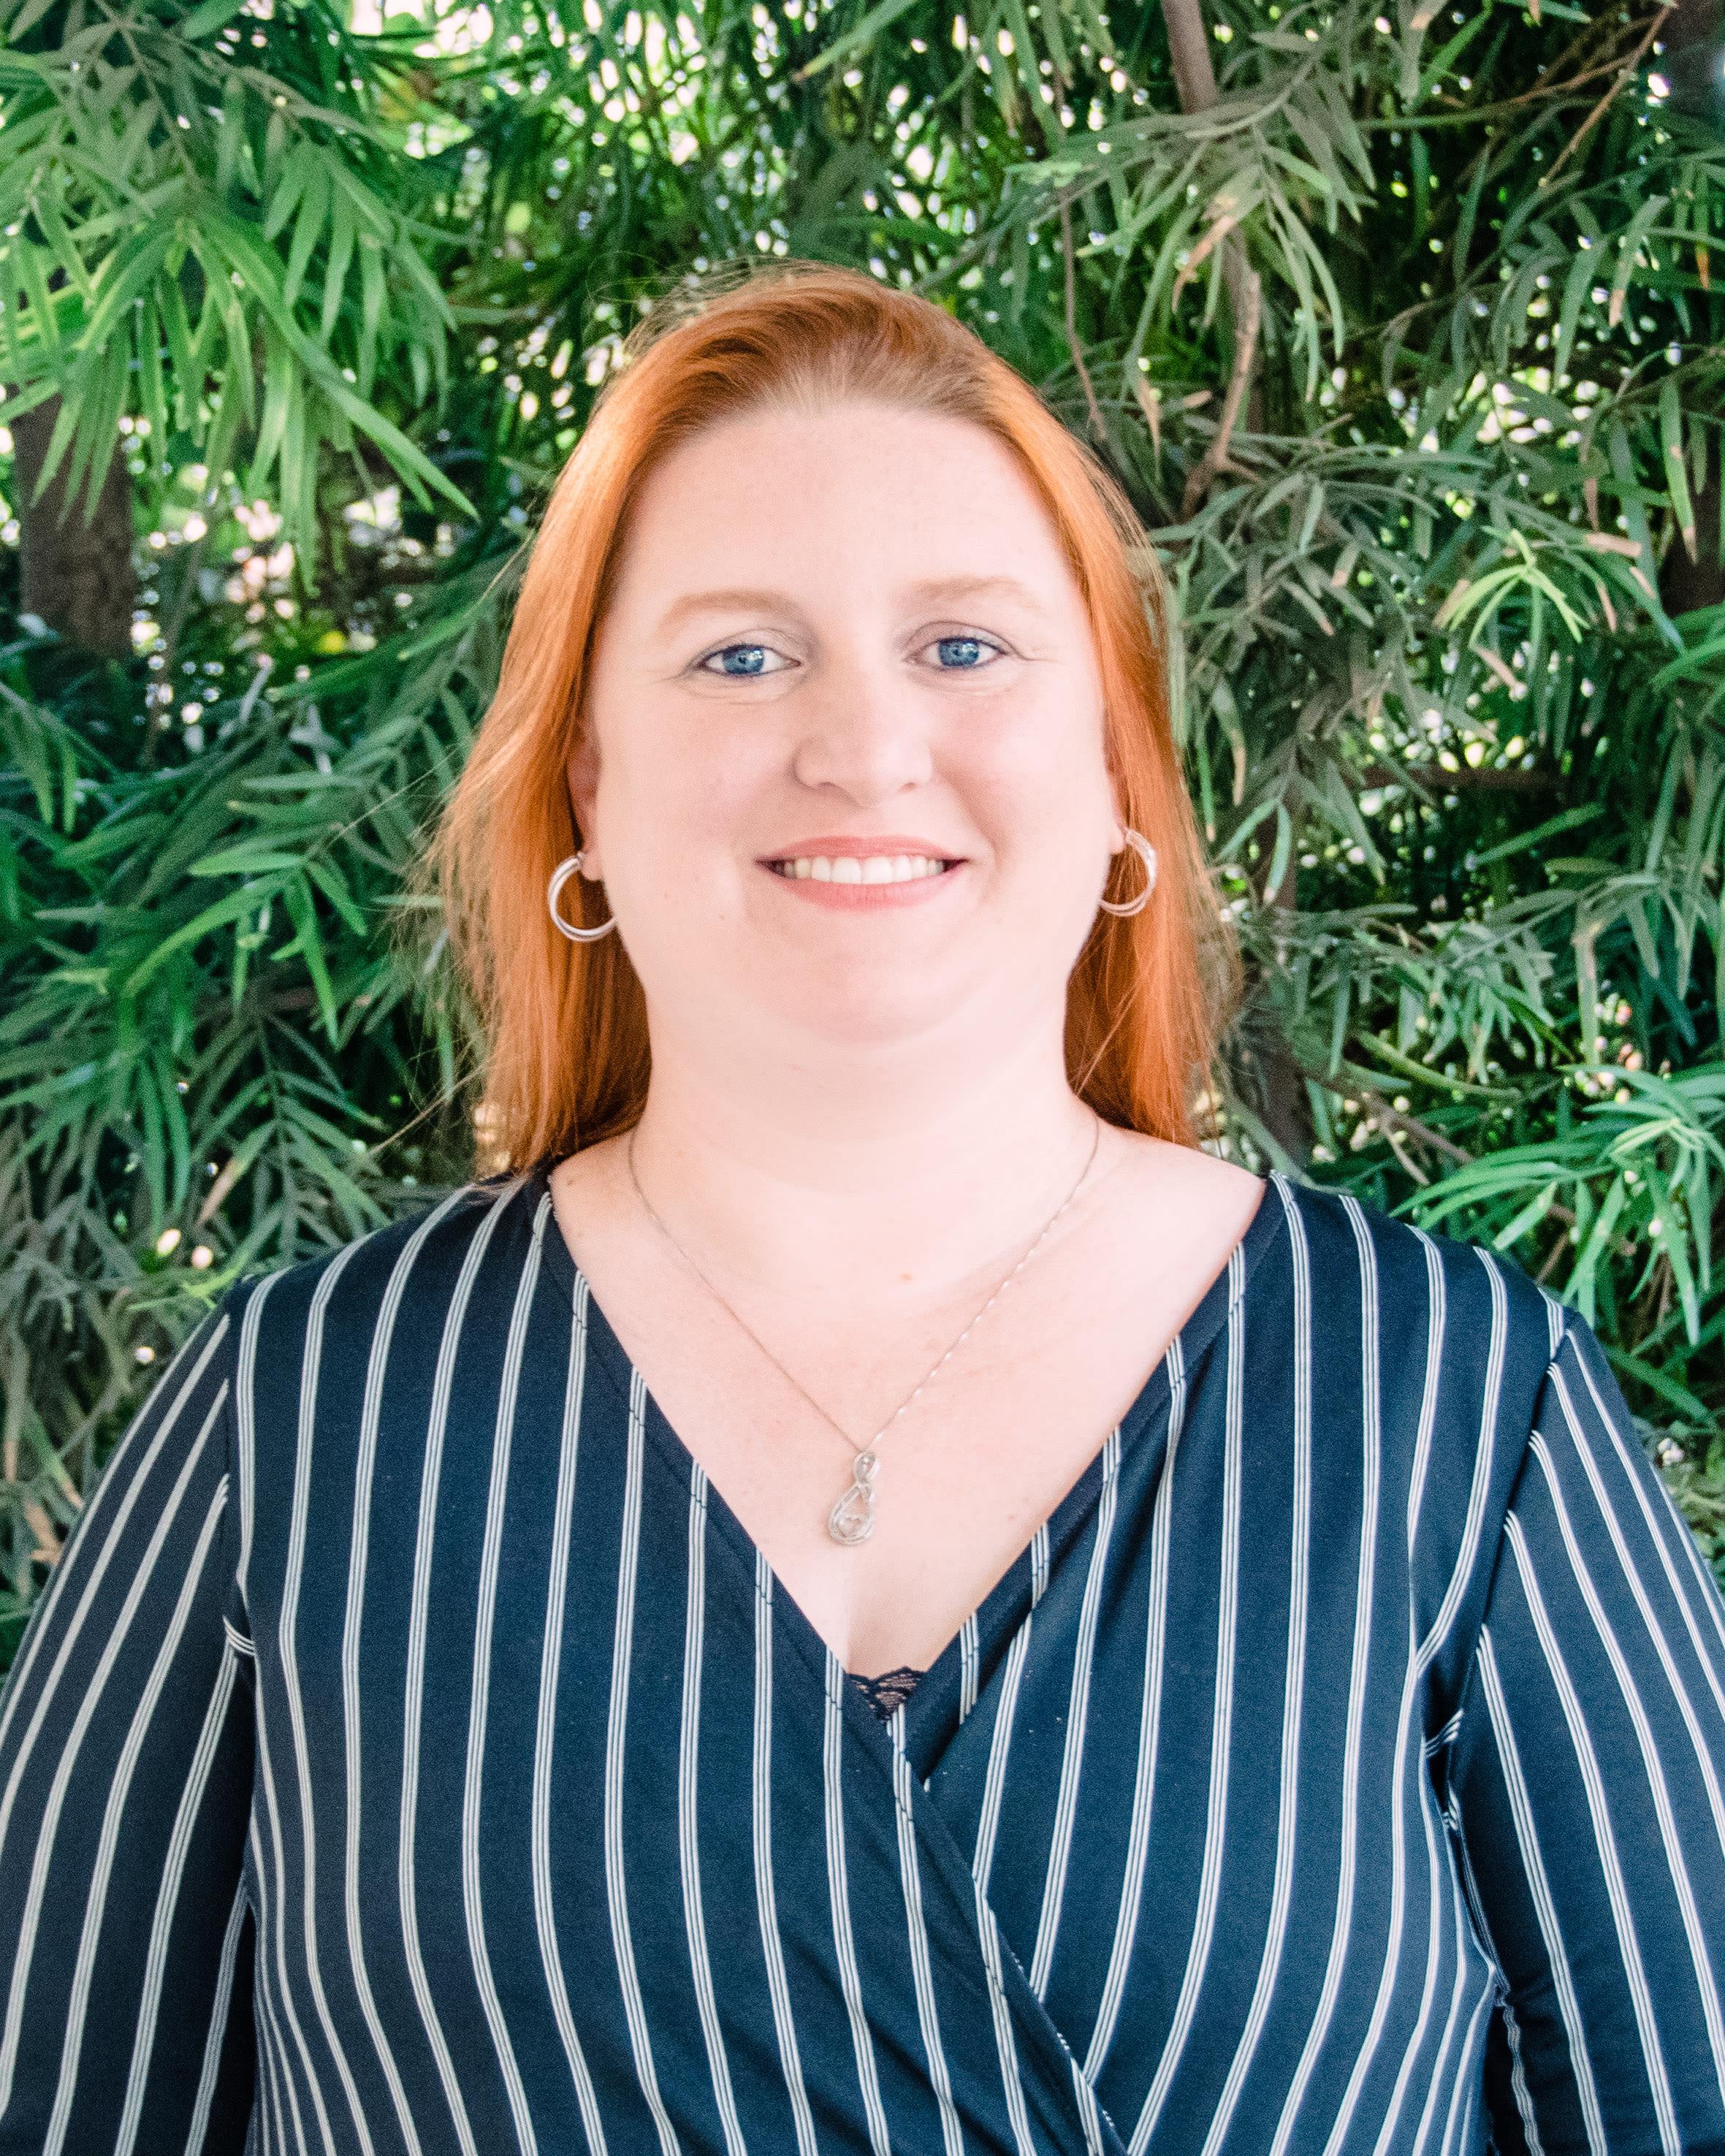 Nicole Phavisith